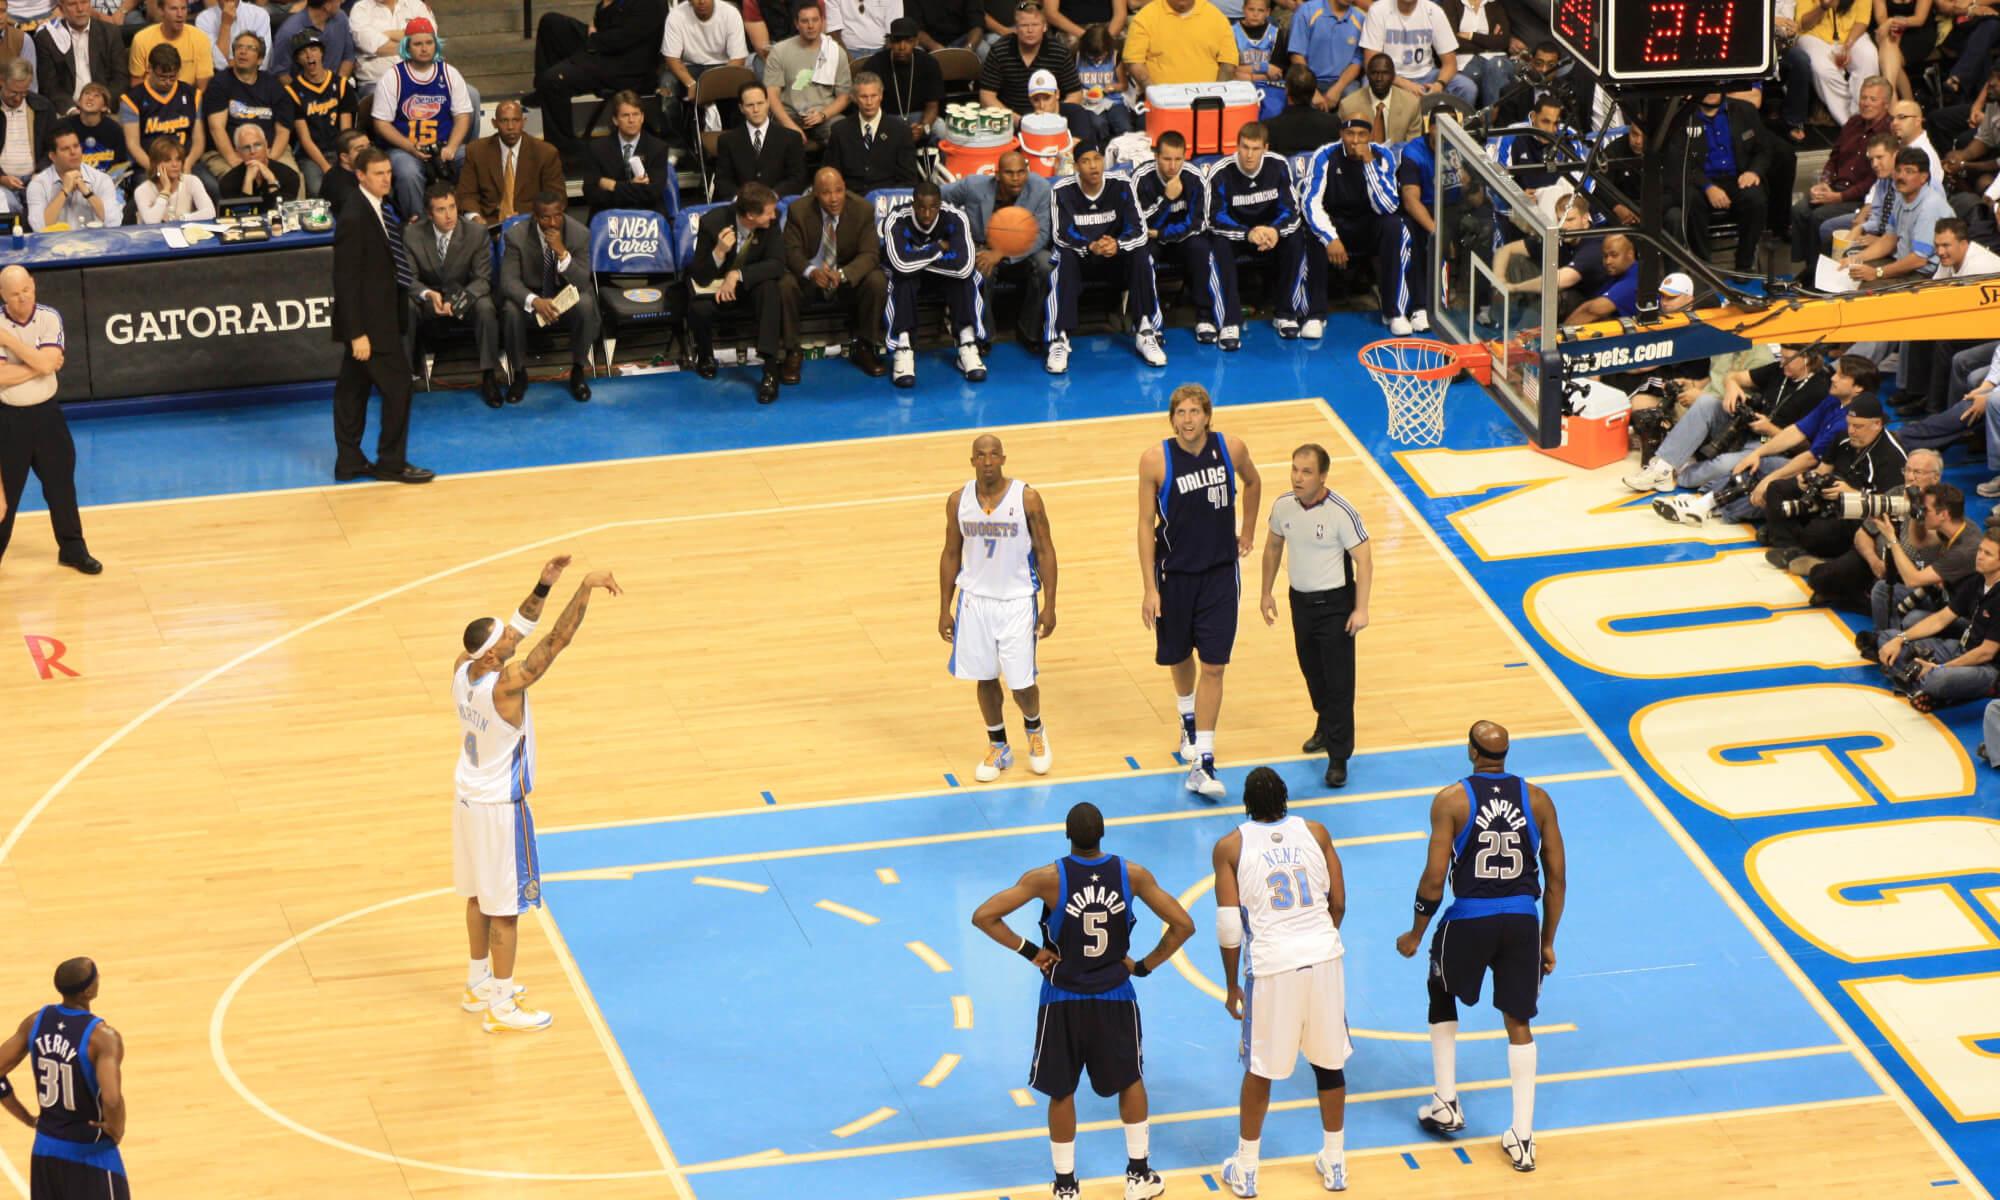 Basketball game in Denver, Colorado